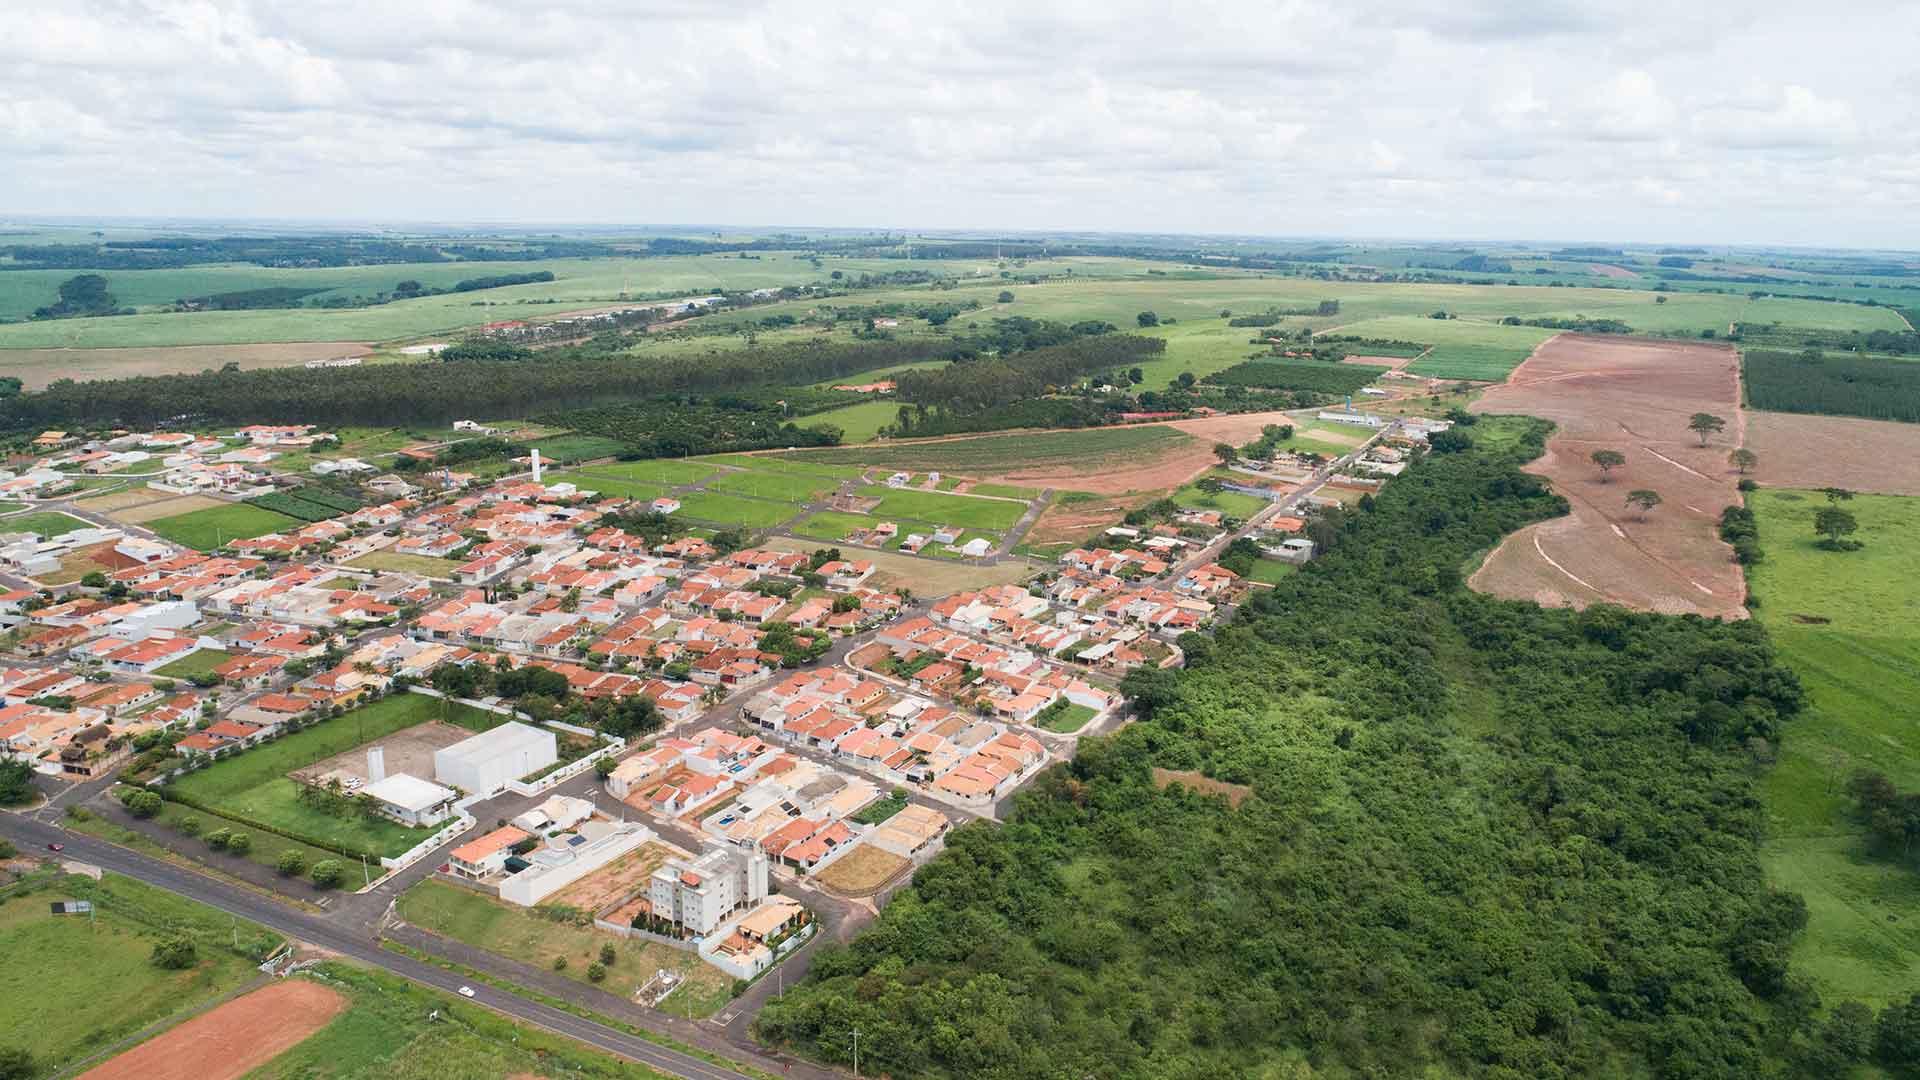 Pindorama São Paulo fonte: www.setpar.com.br